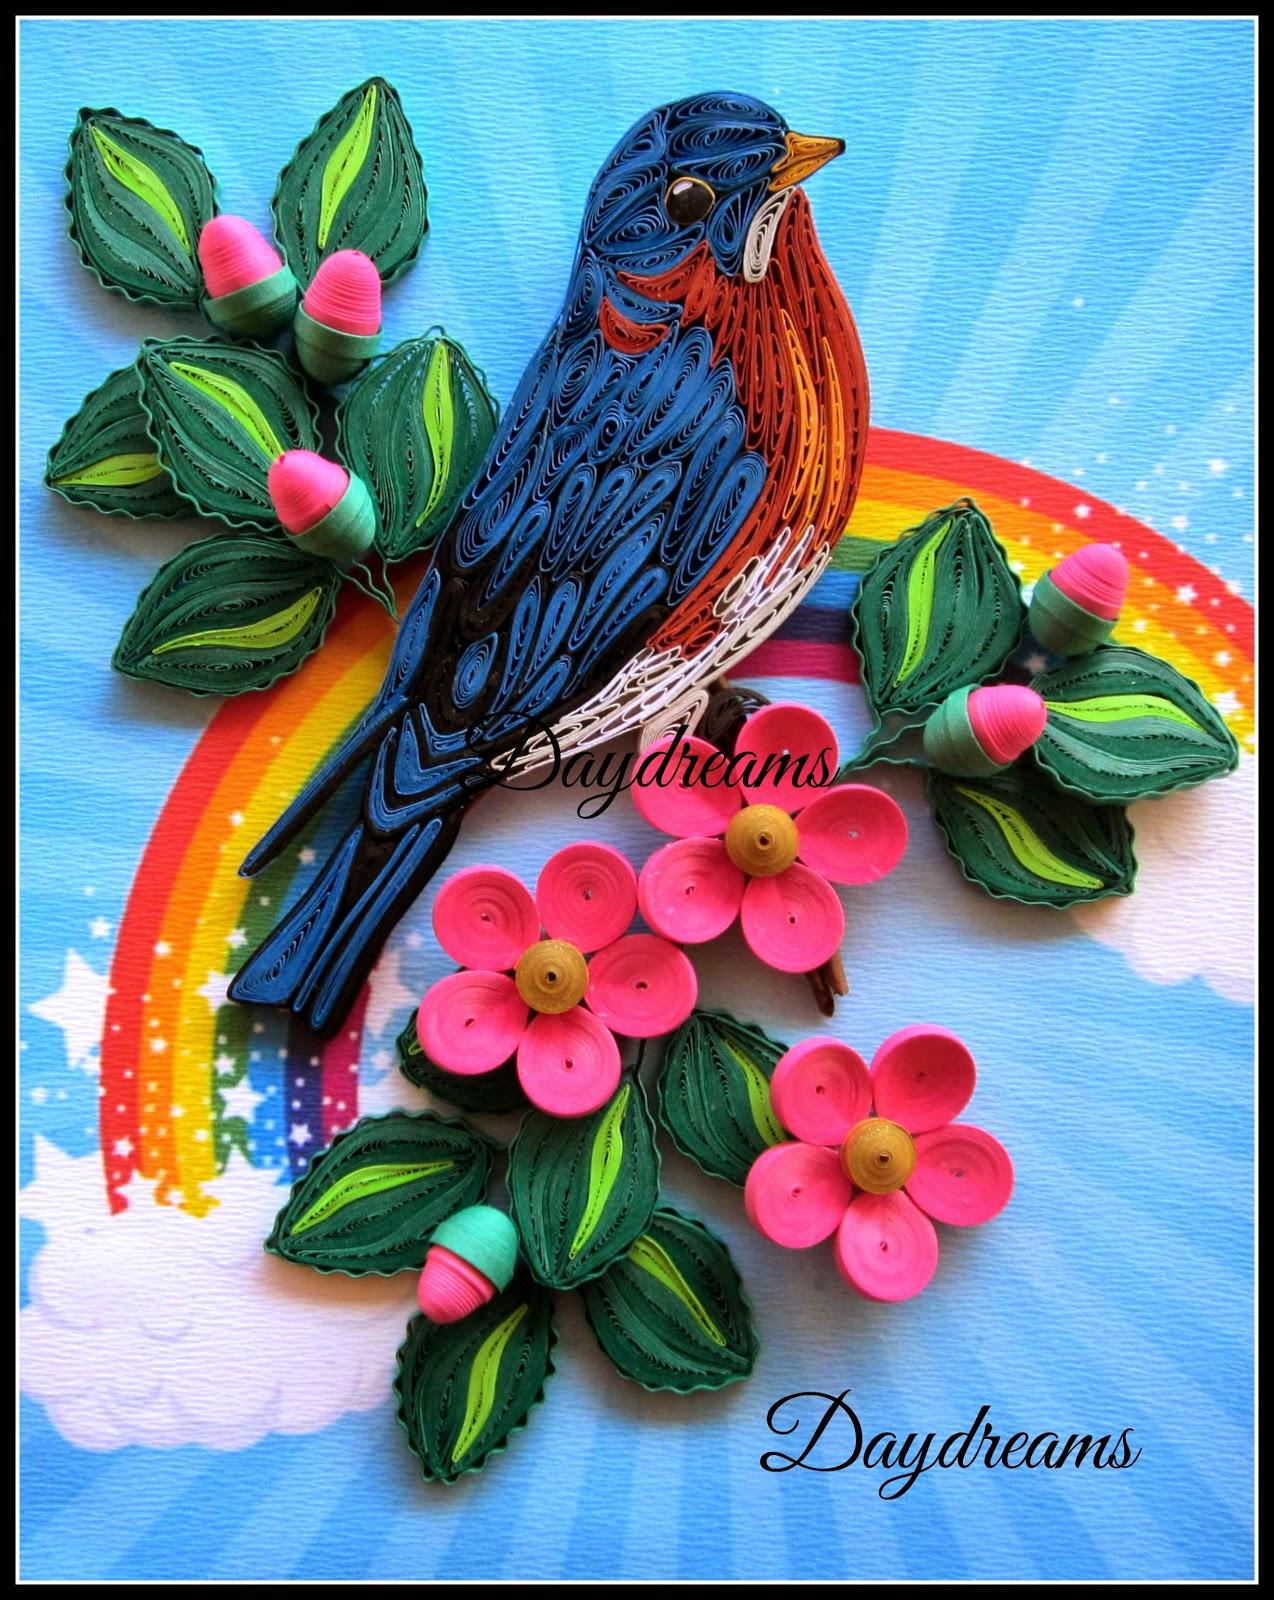 Calendar Wallpaper Quilling : Daydreams quilled blue bird